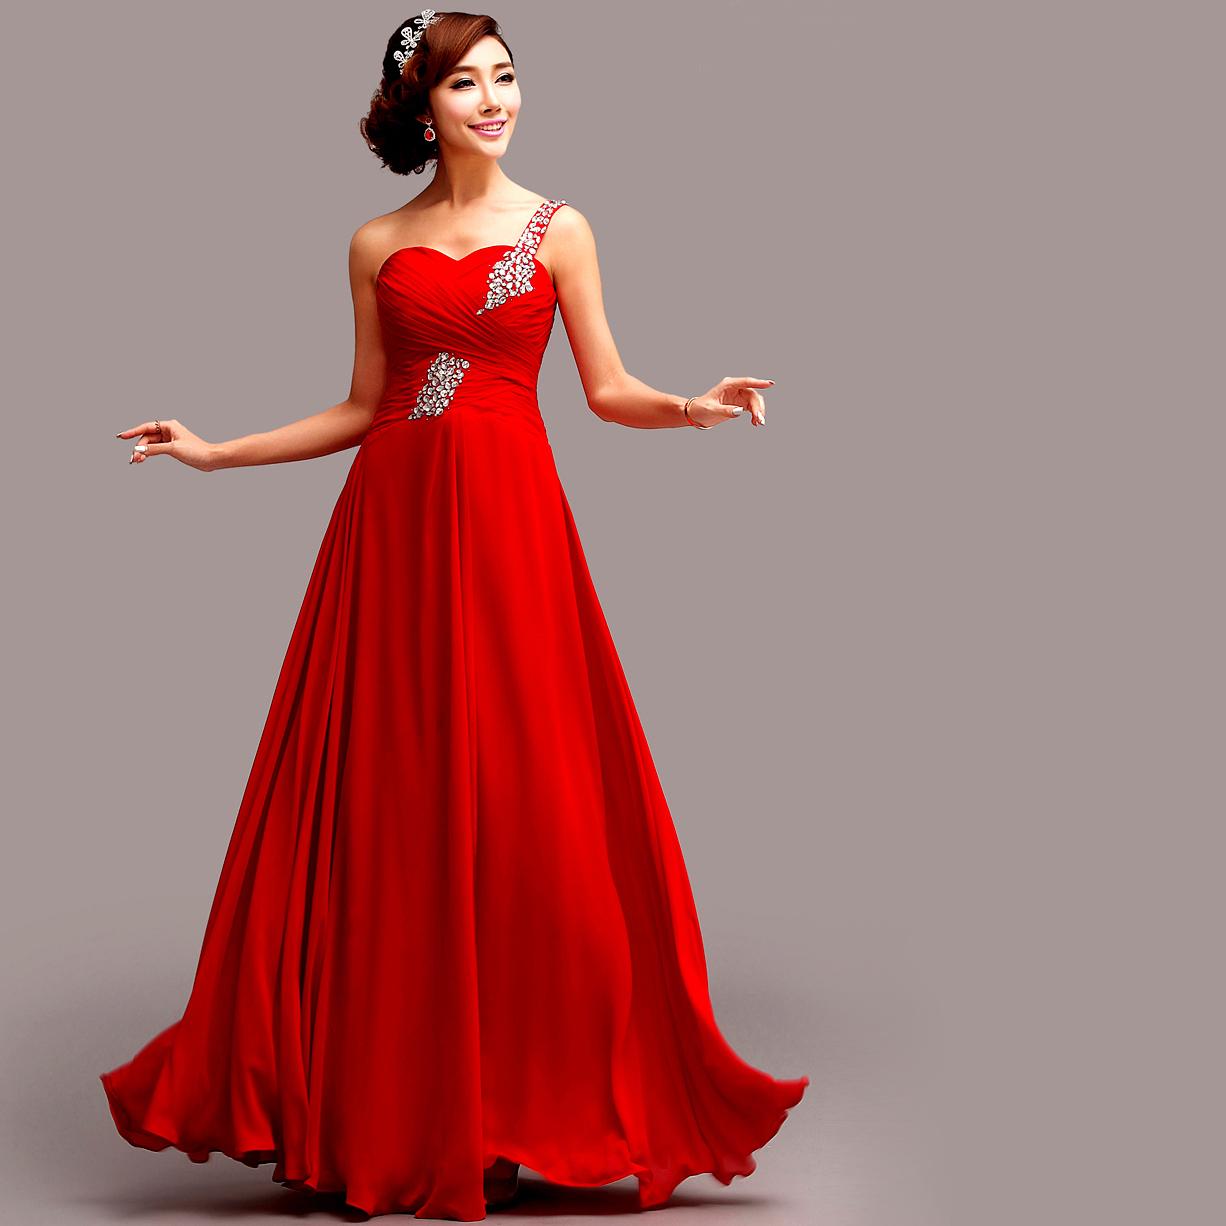 Silk Evening Gowns